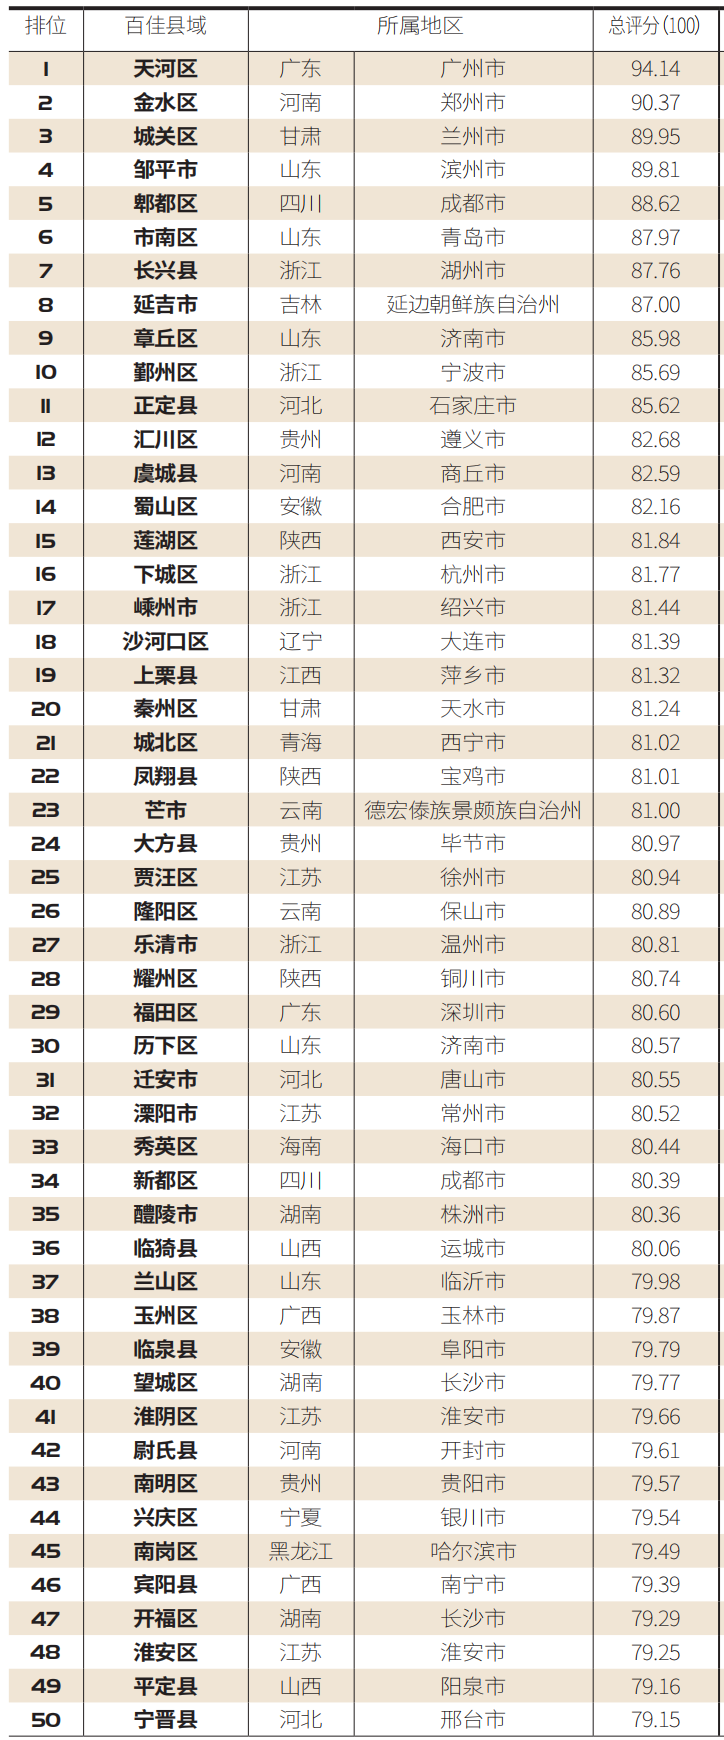 """【百县榜】""""2020中国医疗服务百佳县市""""榜单新鲜出炉!"""